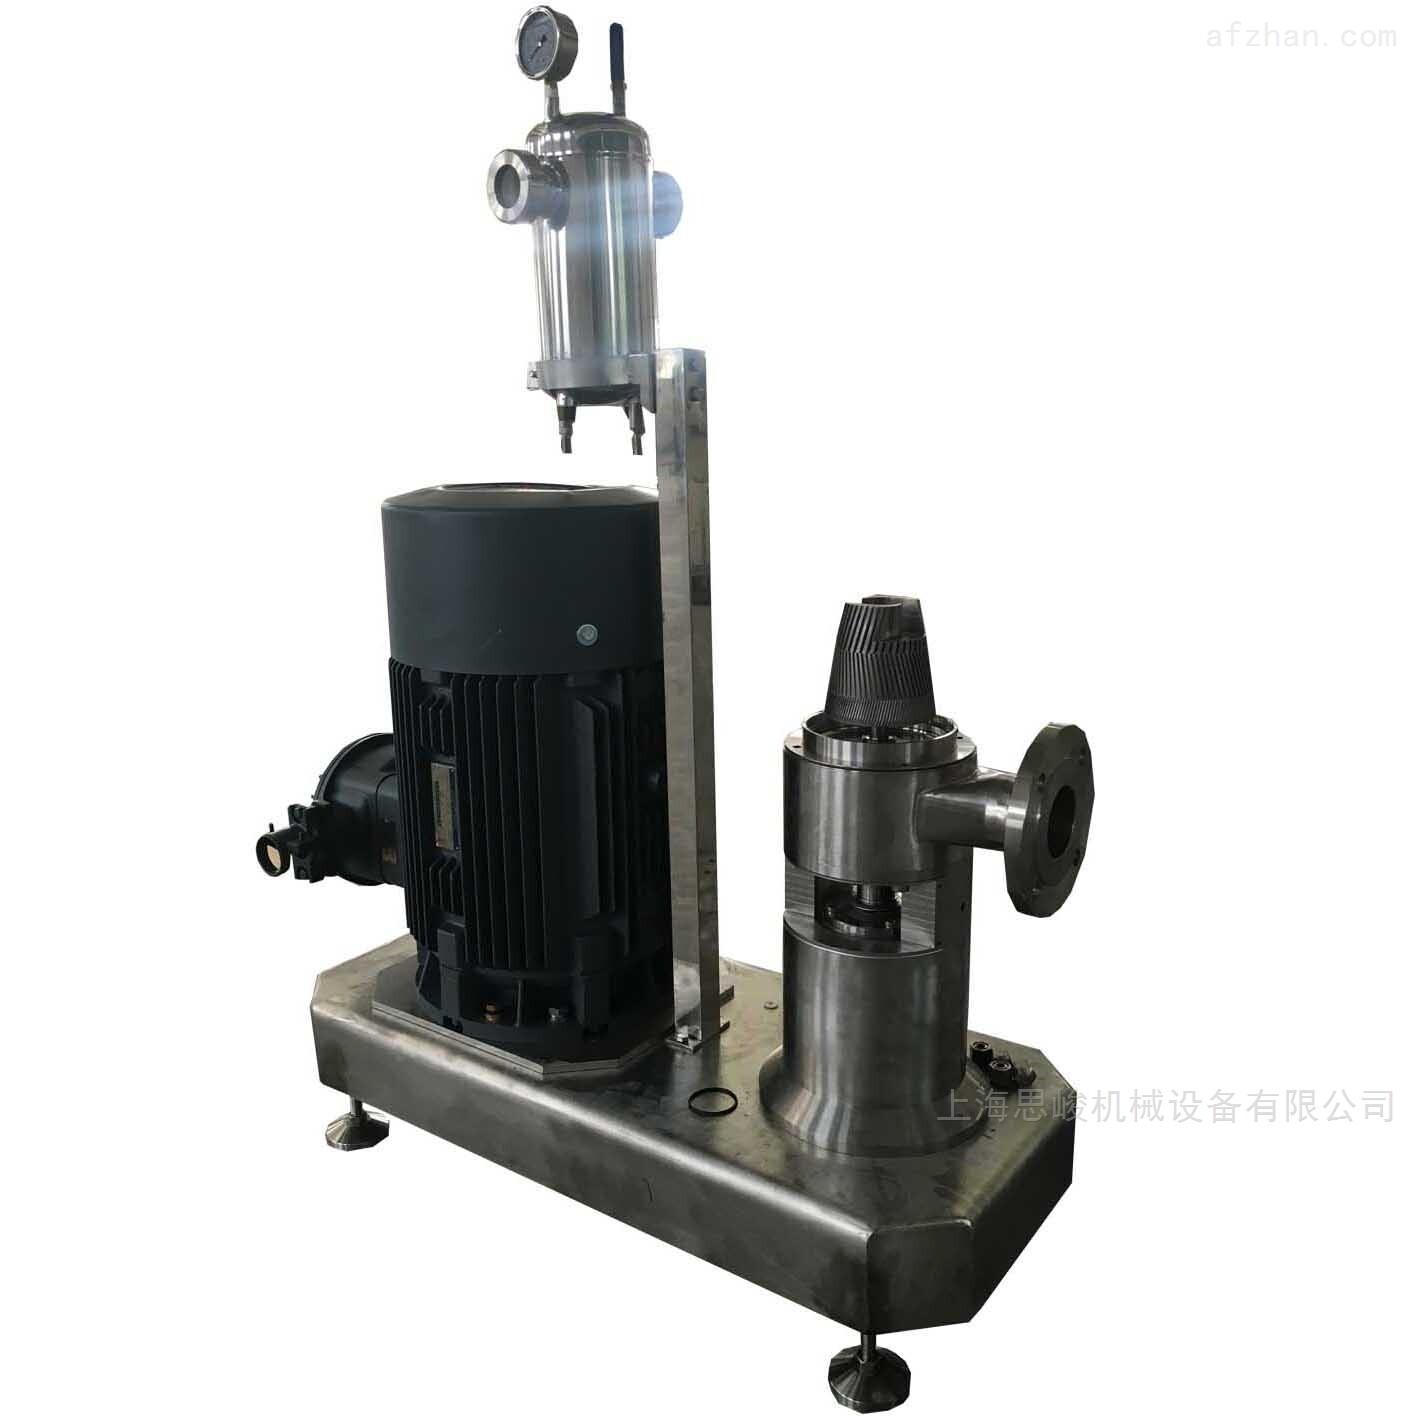 水性环氧树脂在线式乳化机